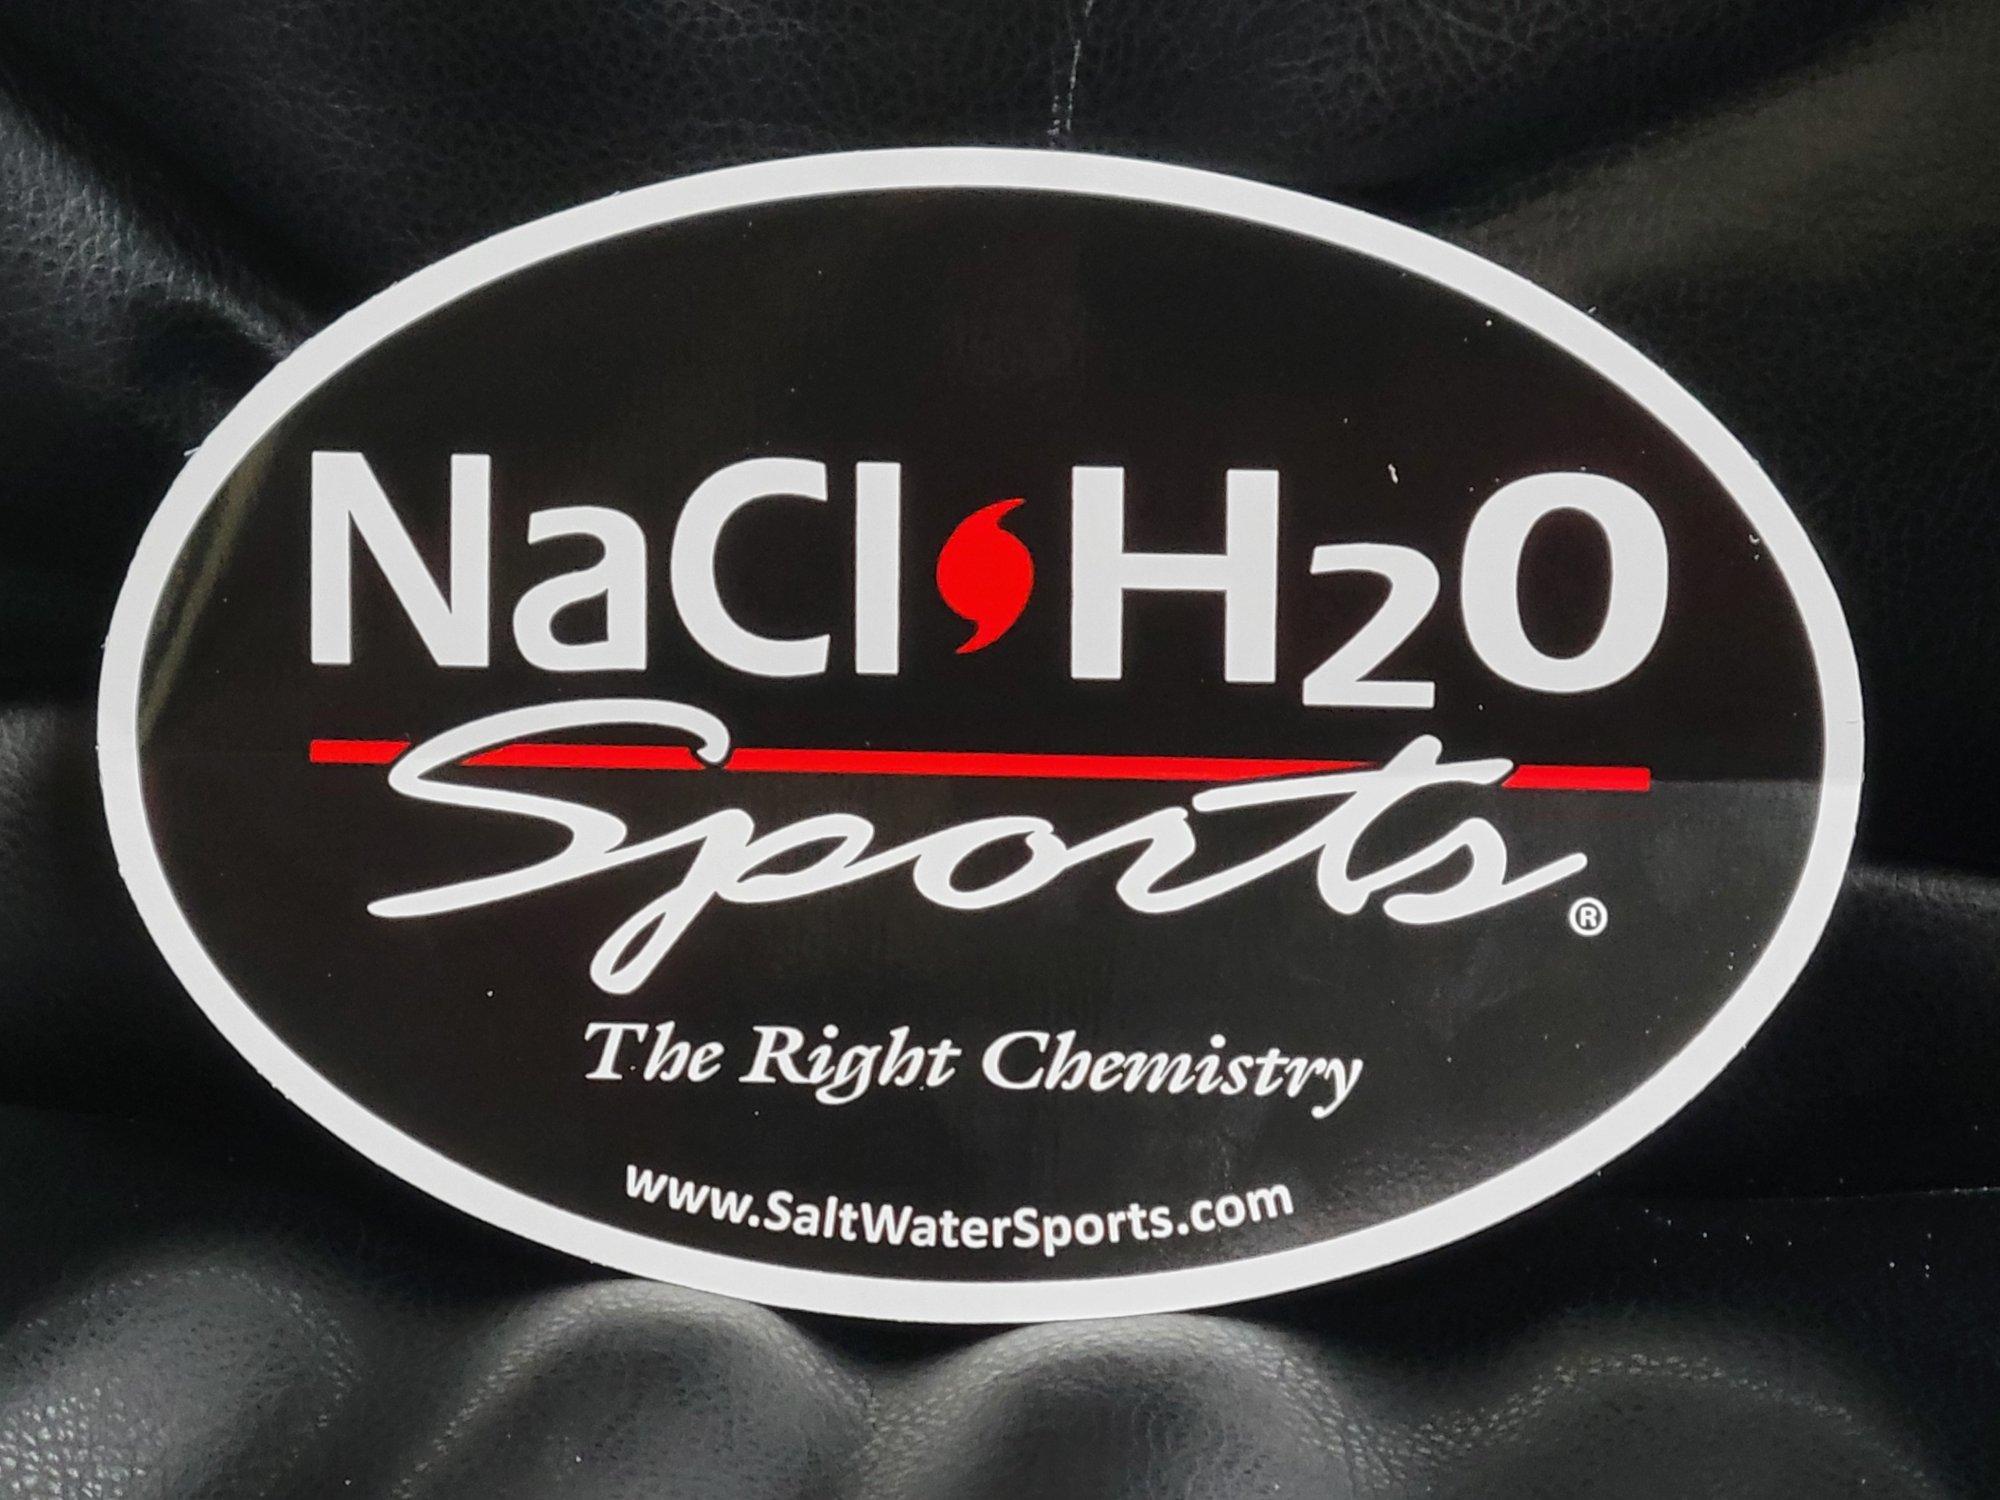 NaCl H2o Decal